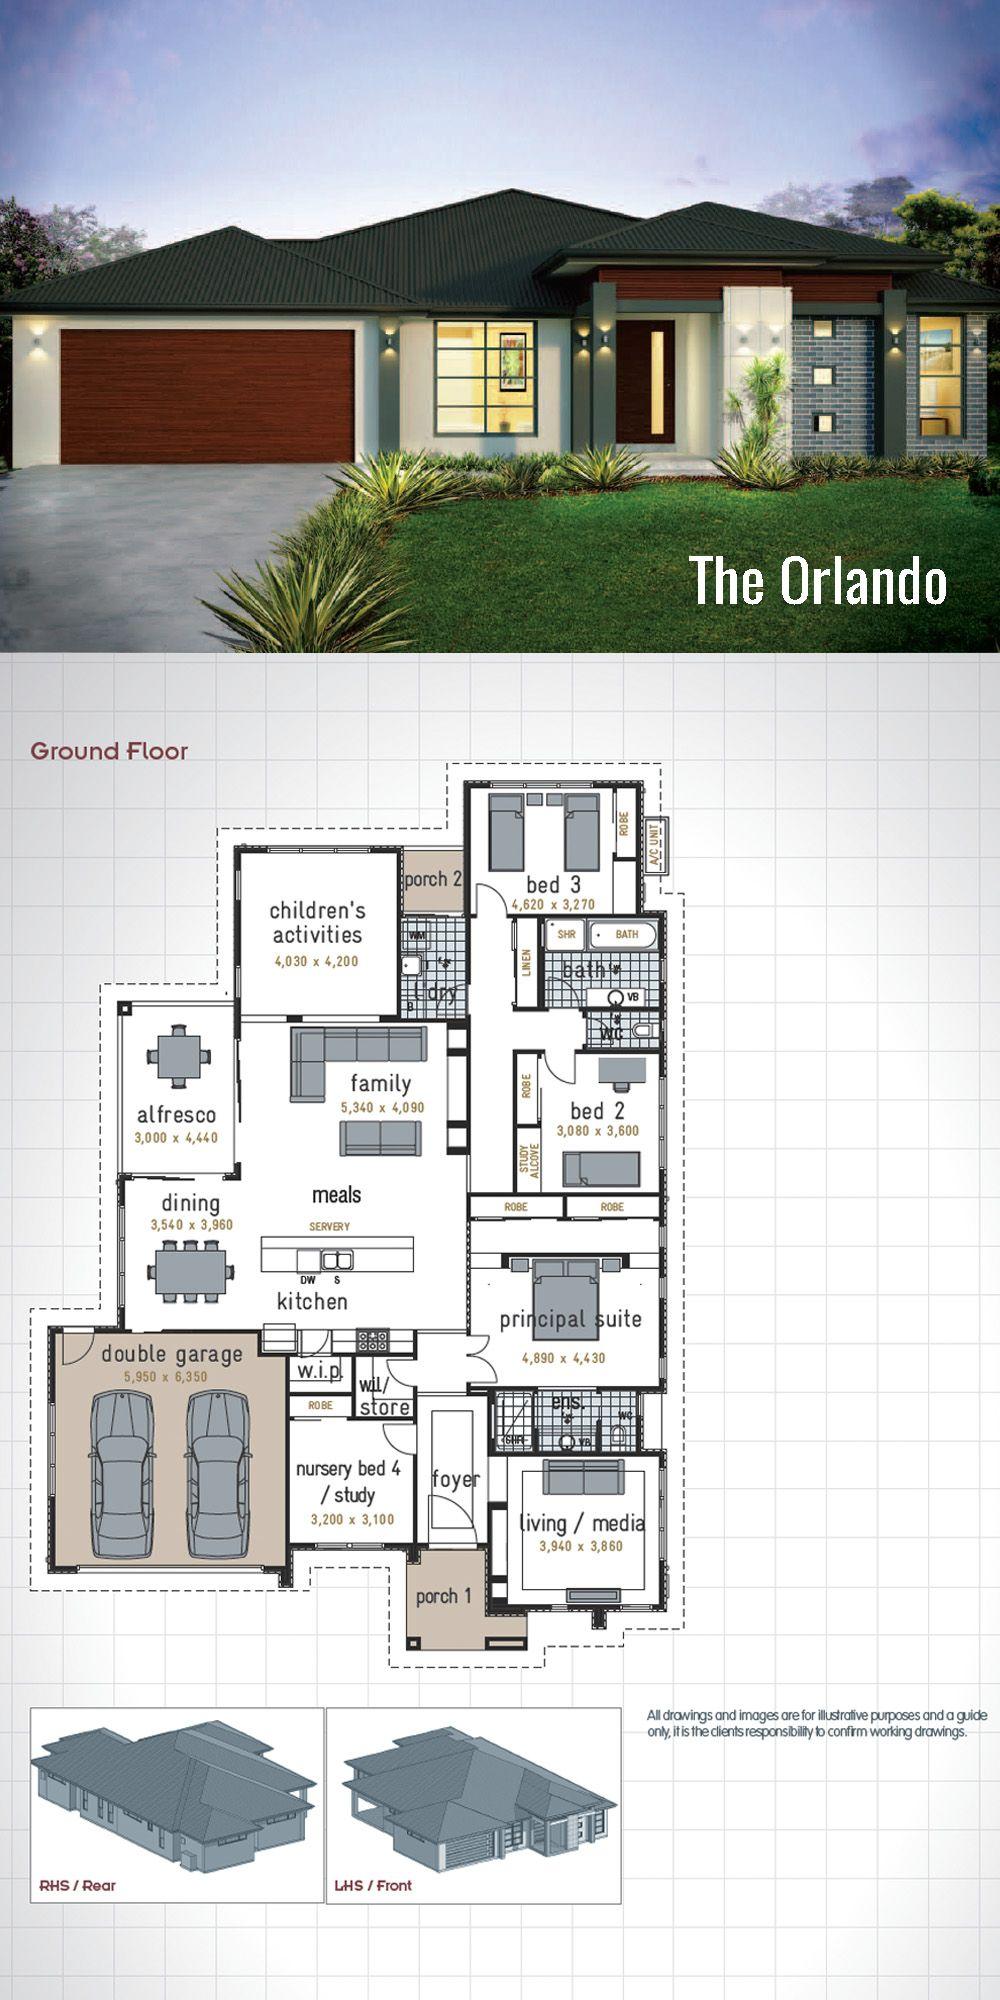 Single Storey House Design - Orlando. Generous Size